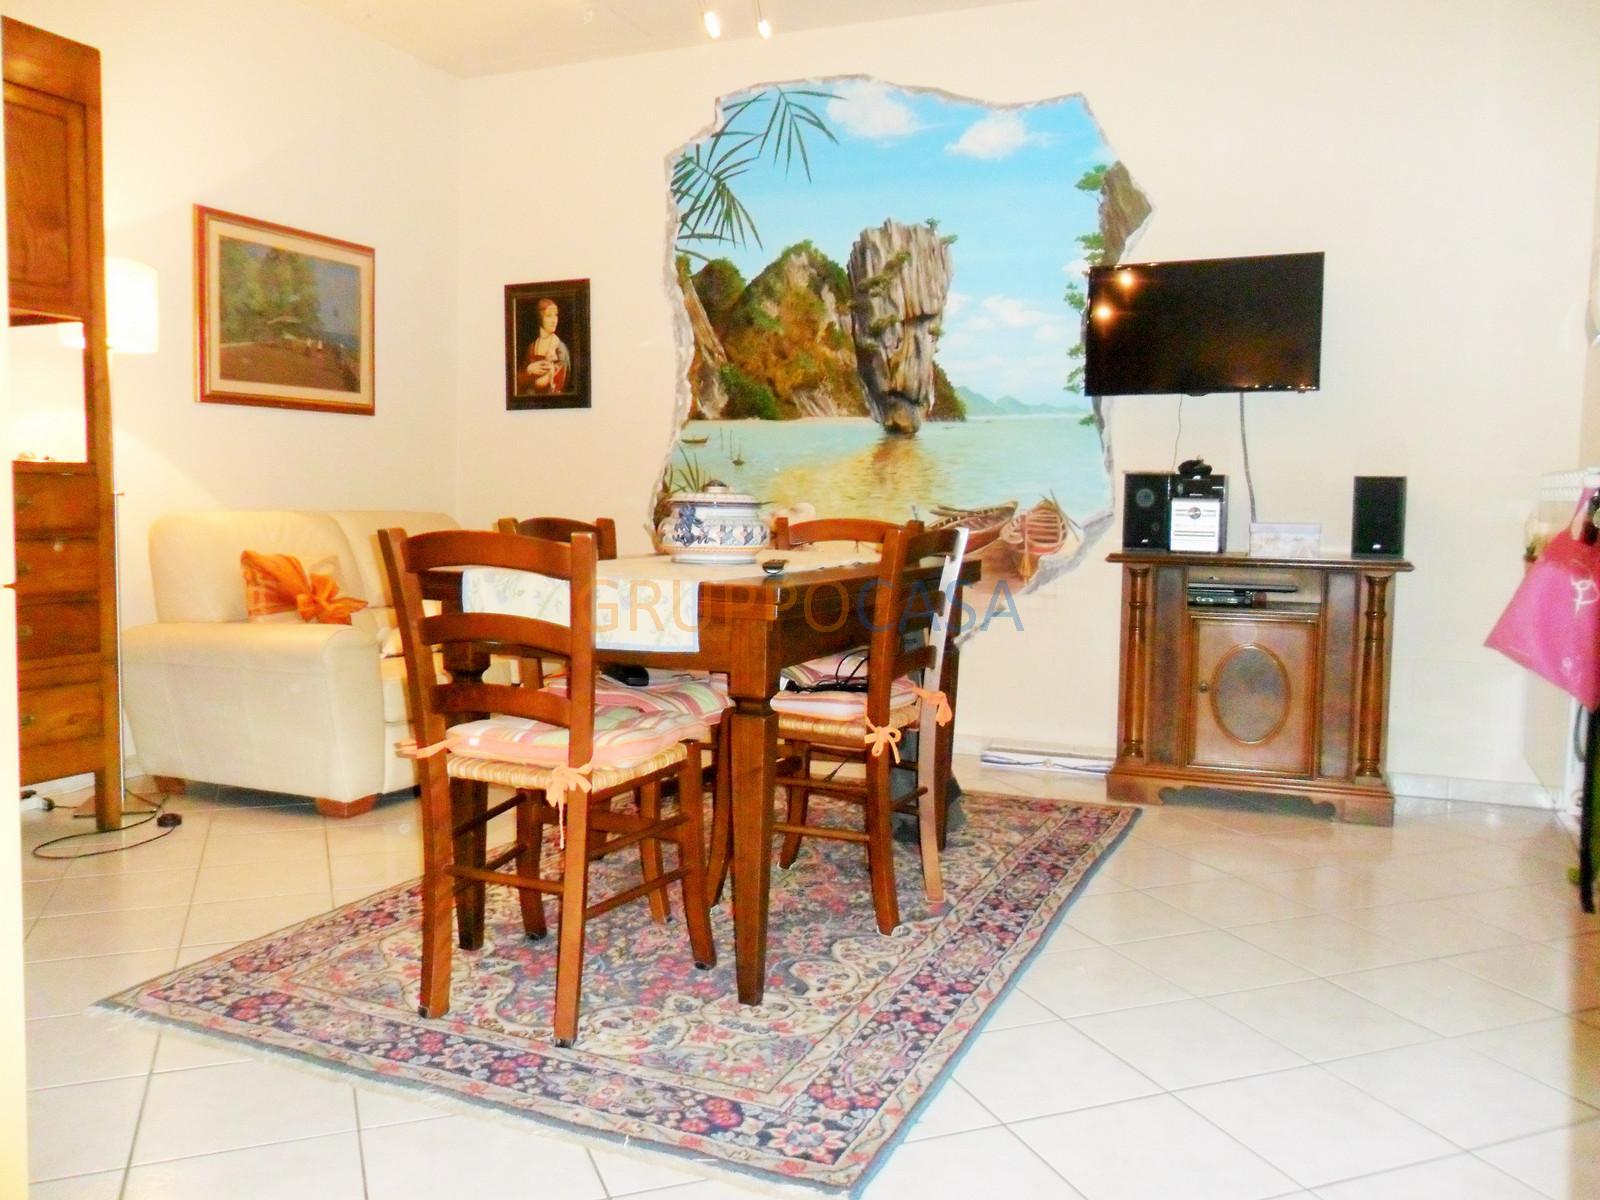 vendita appartamento pescia alberghi  125000 euro  4 locali  70 mq